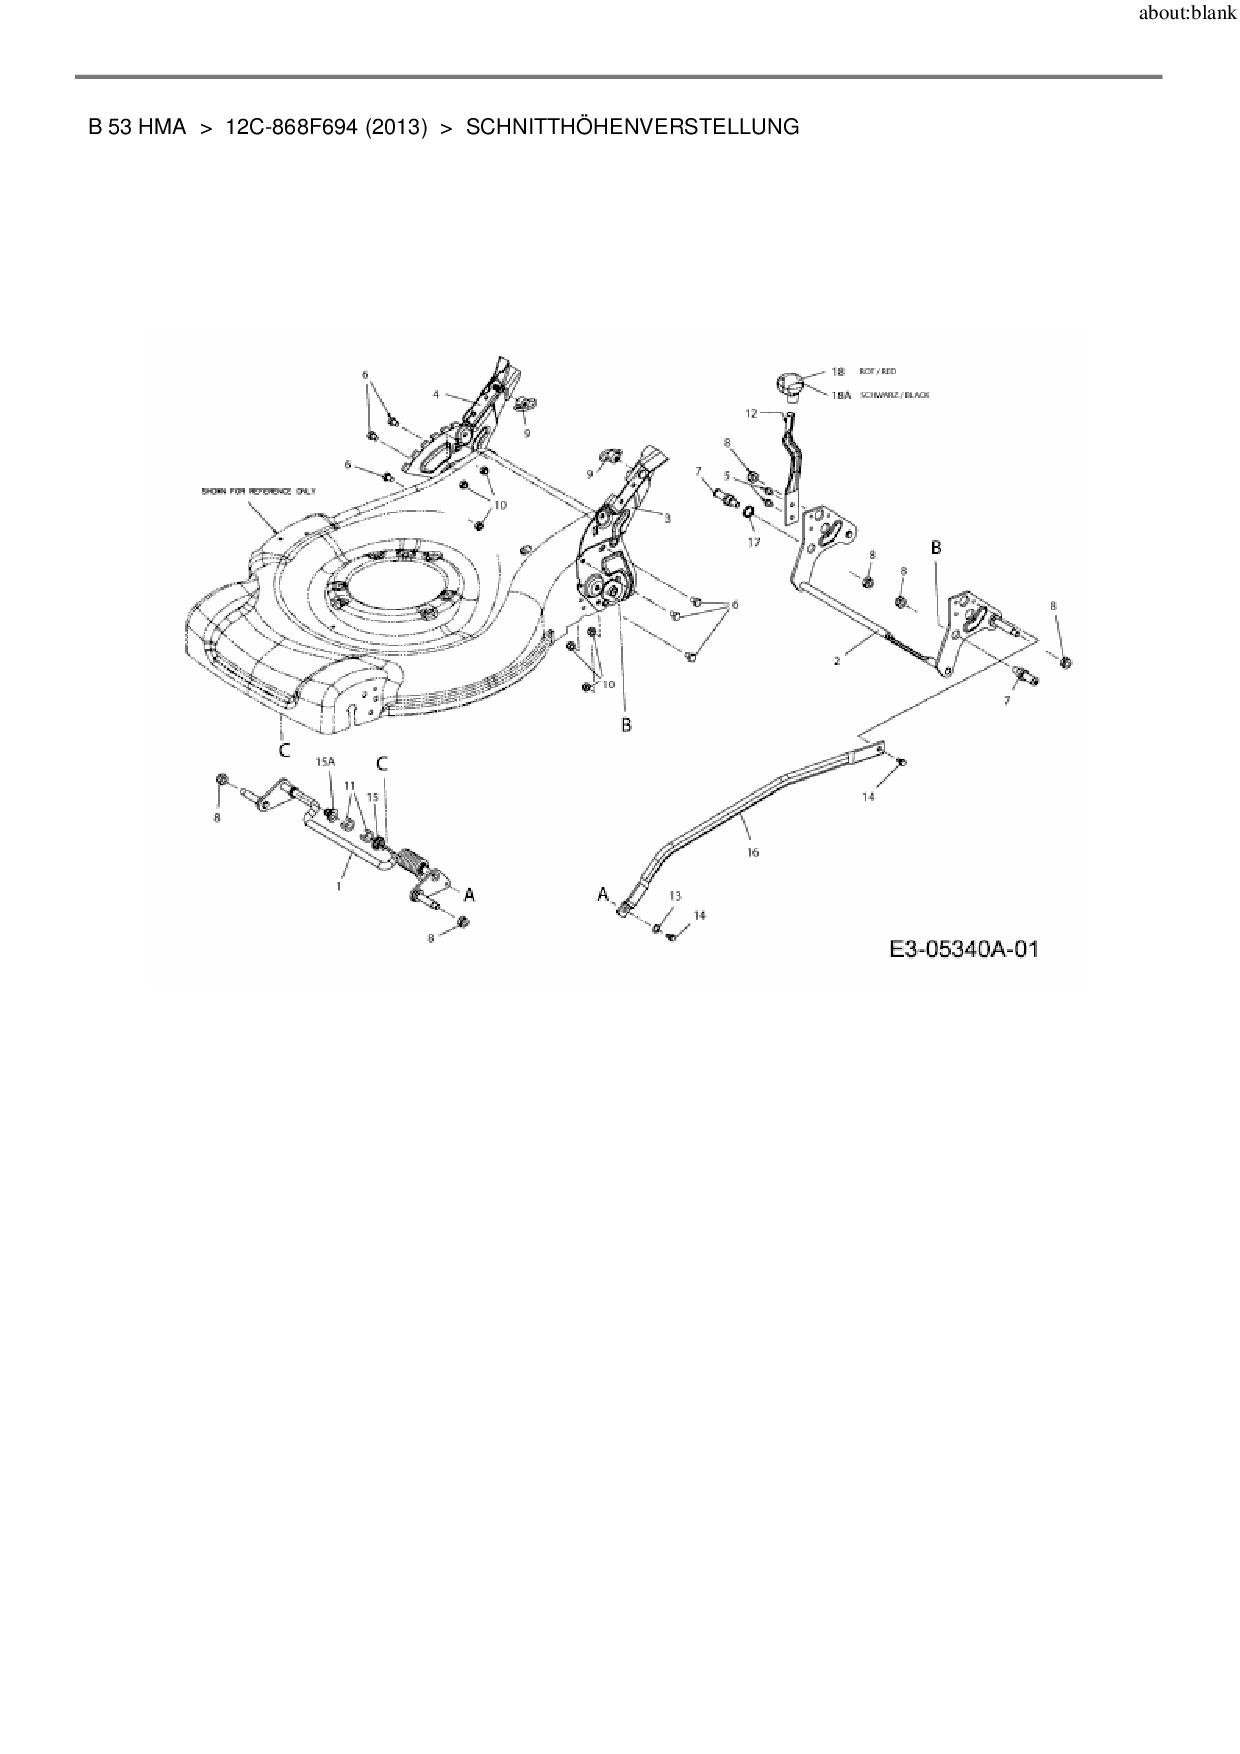 ersatzteile von lux tools motorm her mit antrieb b 53 hma. Black Bedroom Furniture Sets. Home Design Ideas